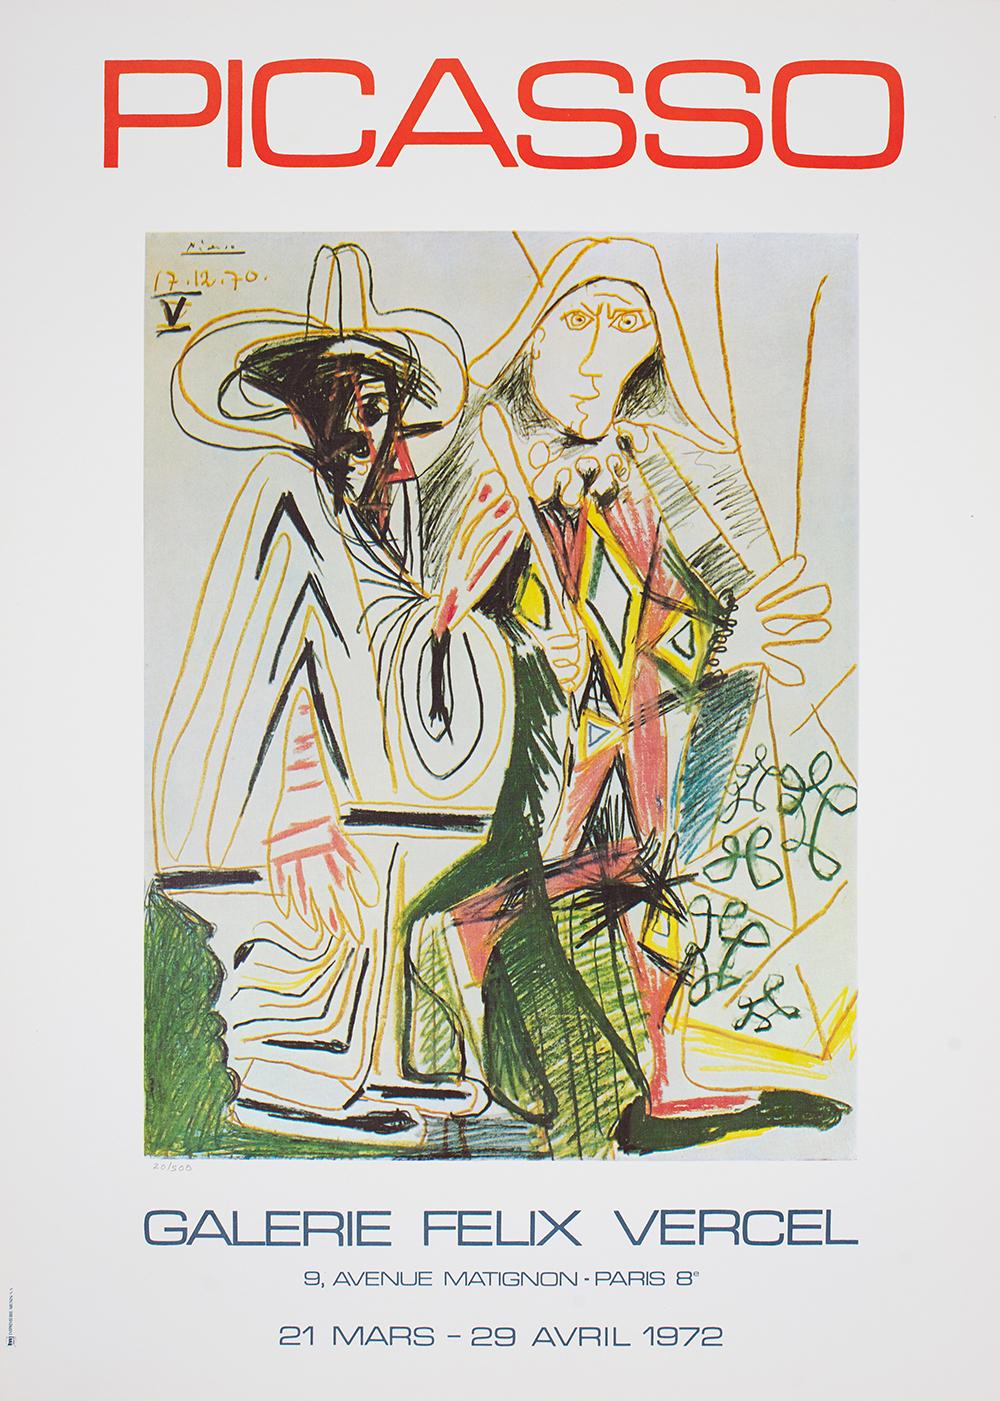 Picasso Pablo, Galerie Felix Vercel, 1972